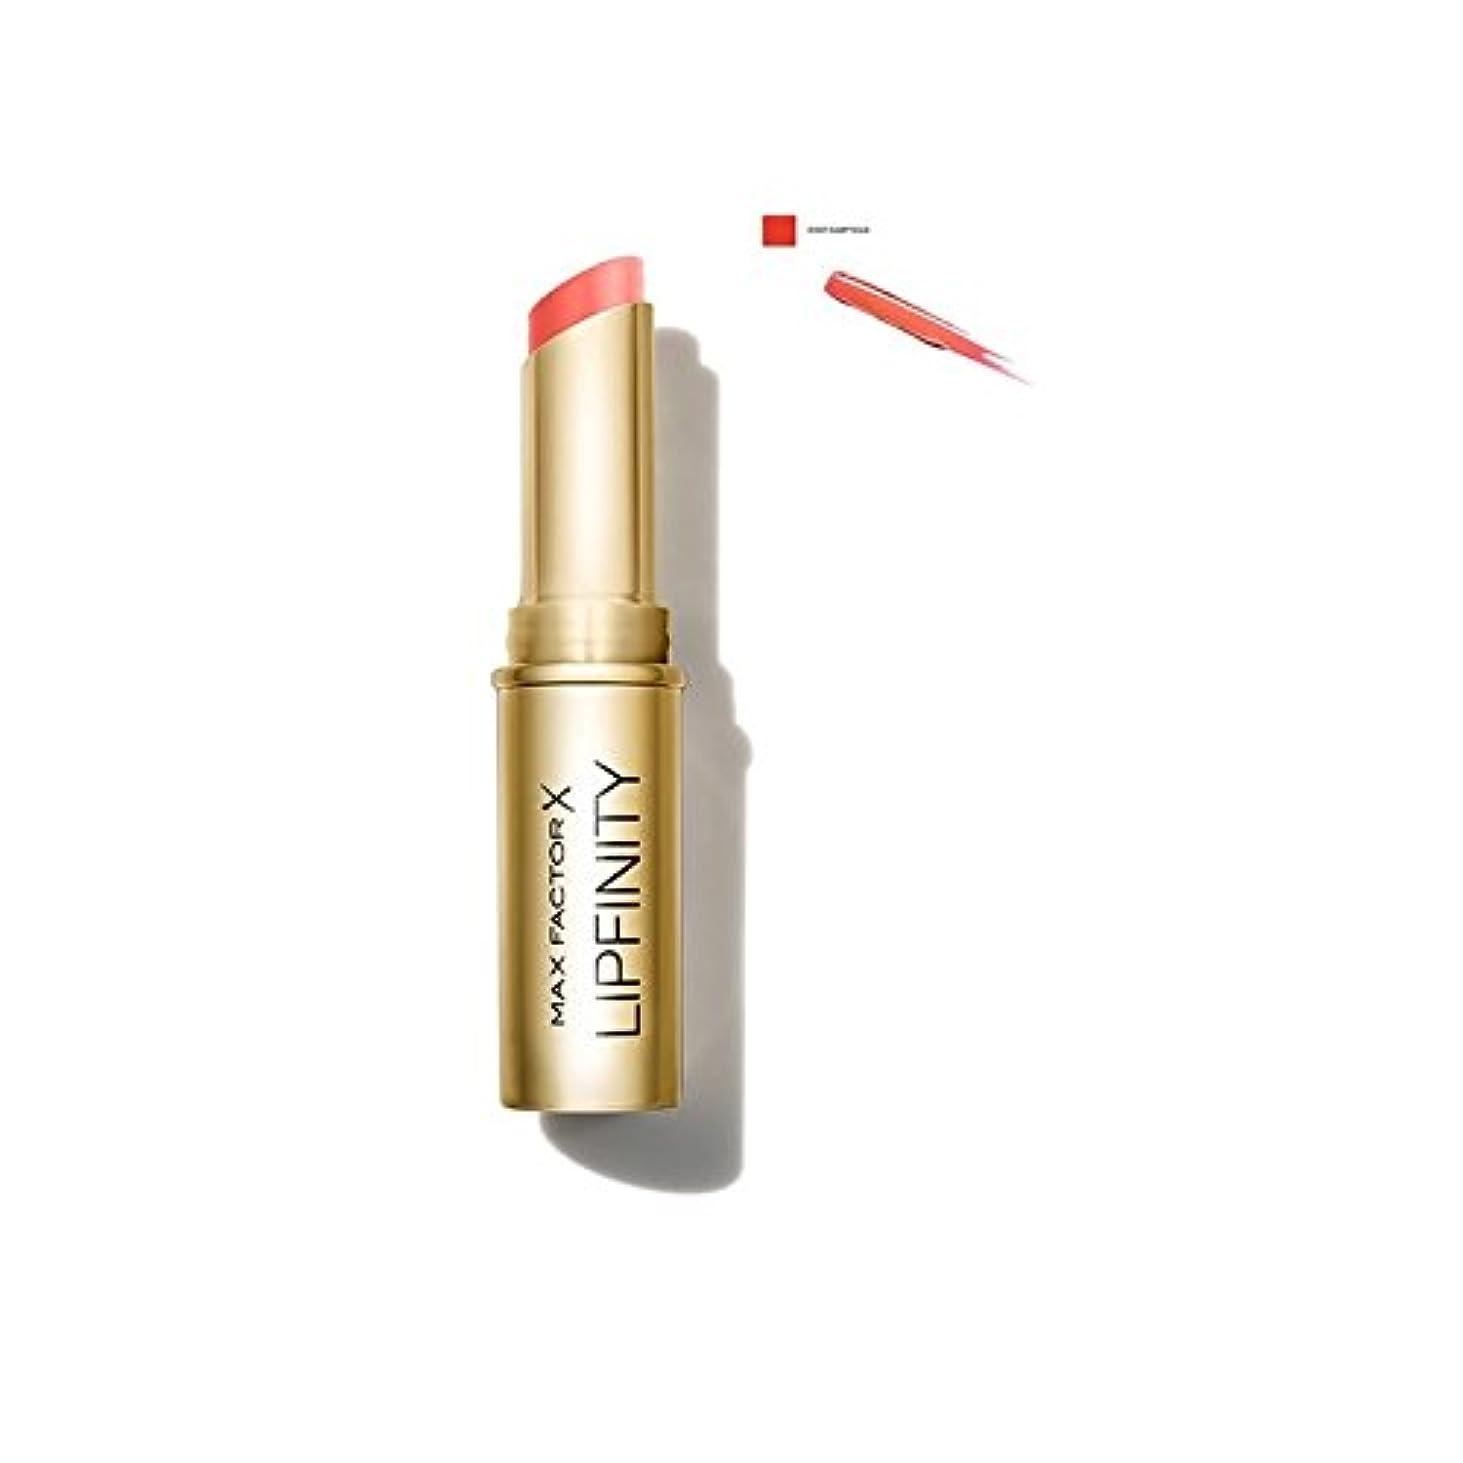 溶かす寄託温かい長い口紅が今まで豪華な持続マックスファクターの x2 - Max Factor Lipfinity Long Lasting Lipstick Ever Sumptuous (Pack of 2) [並行輸入品]